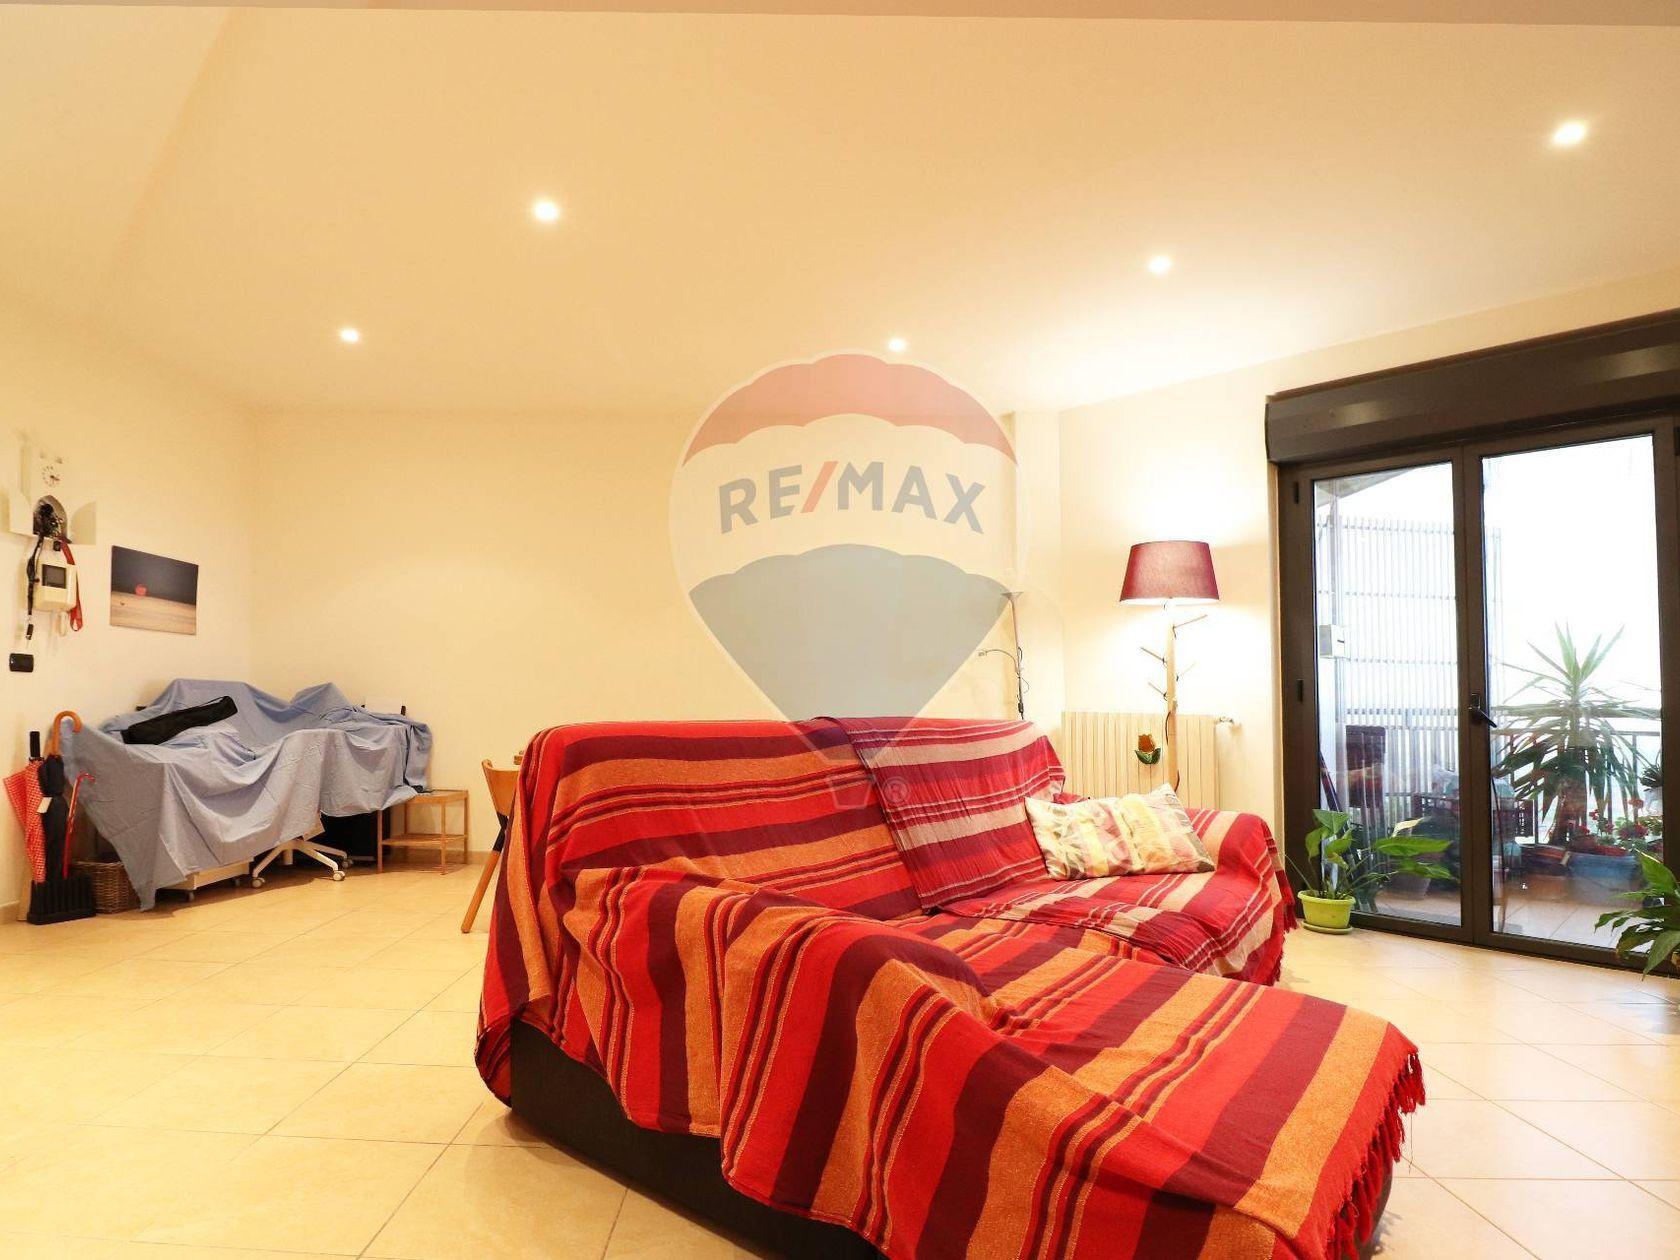 Appartamento Carbonara - Ceglie, Bari, BA Vendita